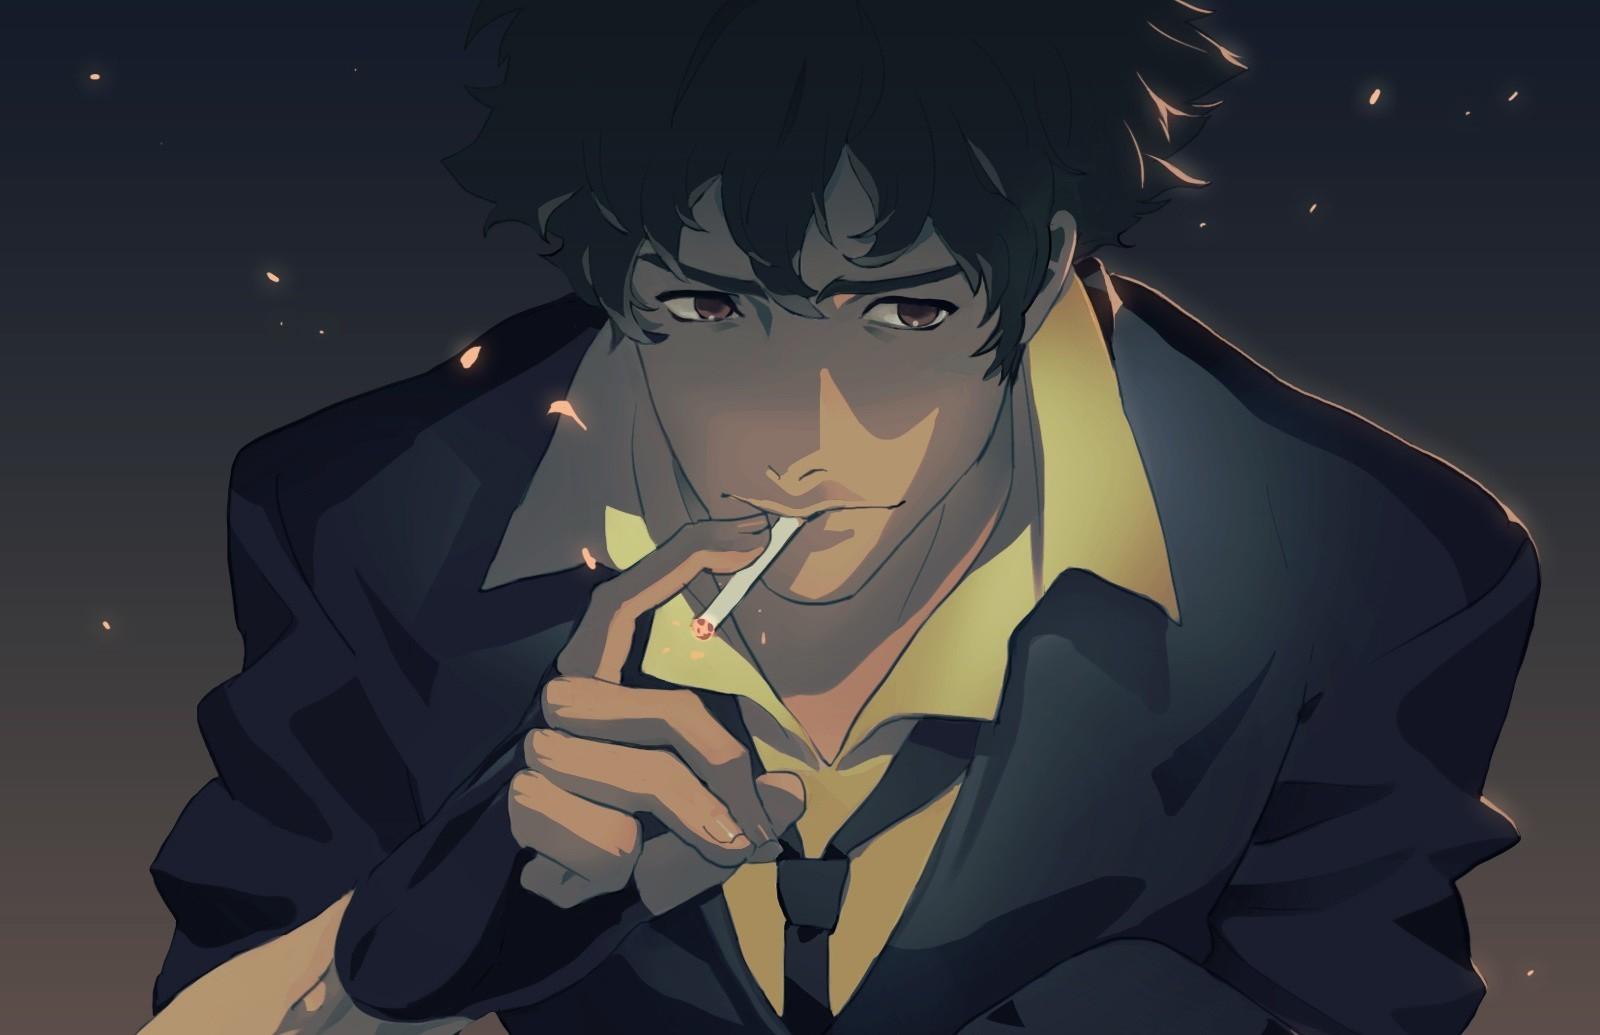 Wallpaper Illustration Anime Cowboy Bebop Spike Spiegel